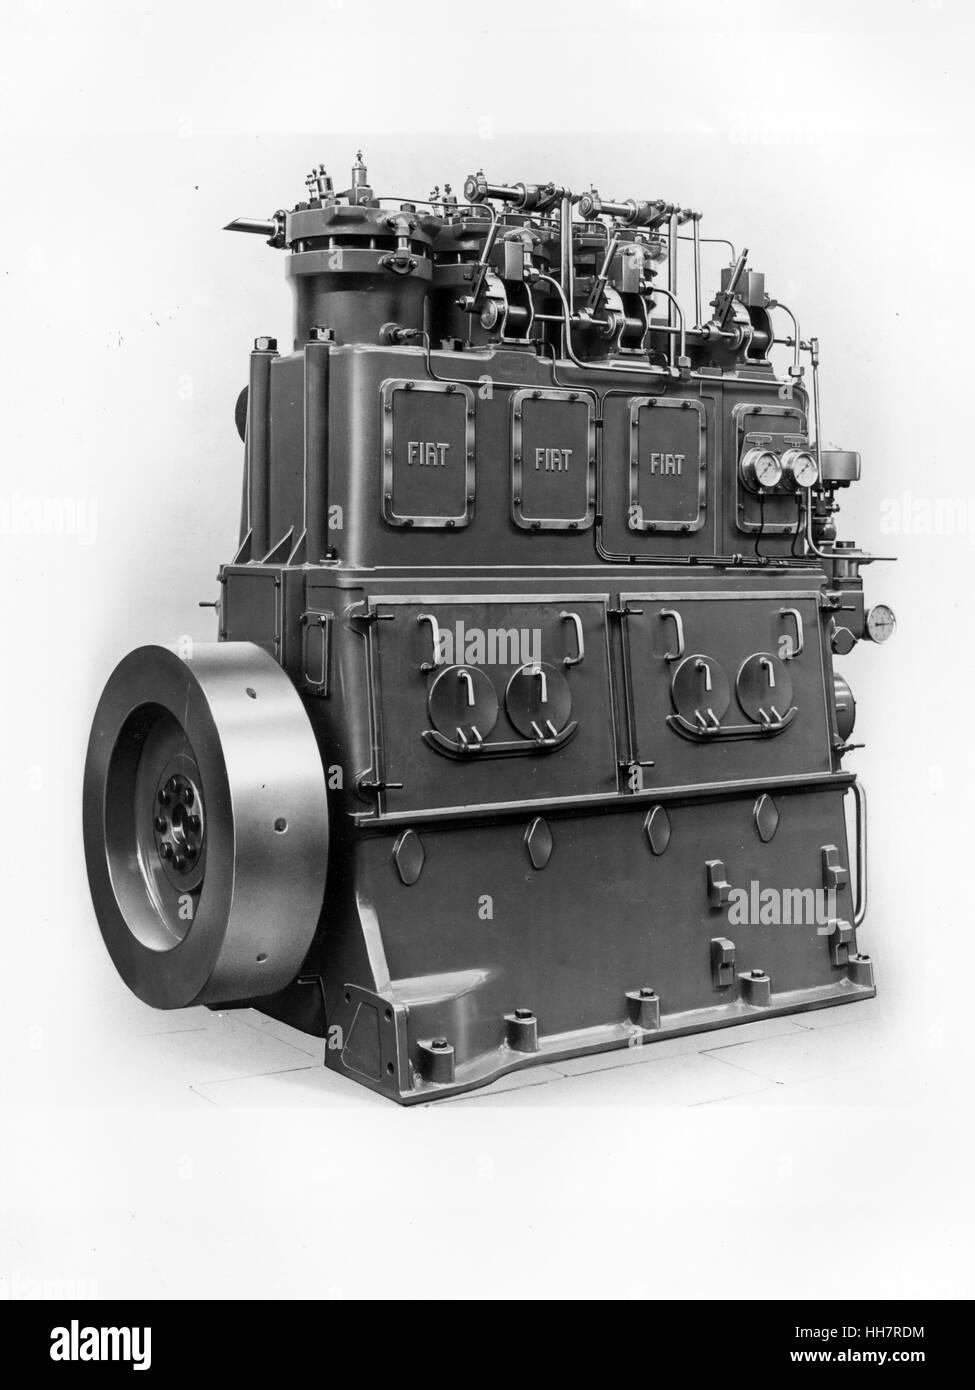 1930 - 40. Fiat - Ansaldo macchina. Motori componenti. Immagini Stock